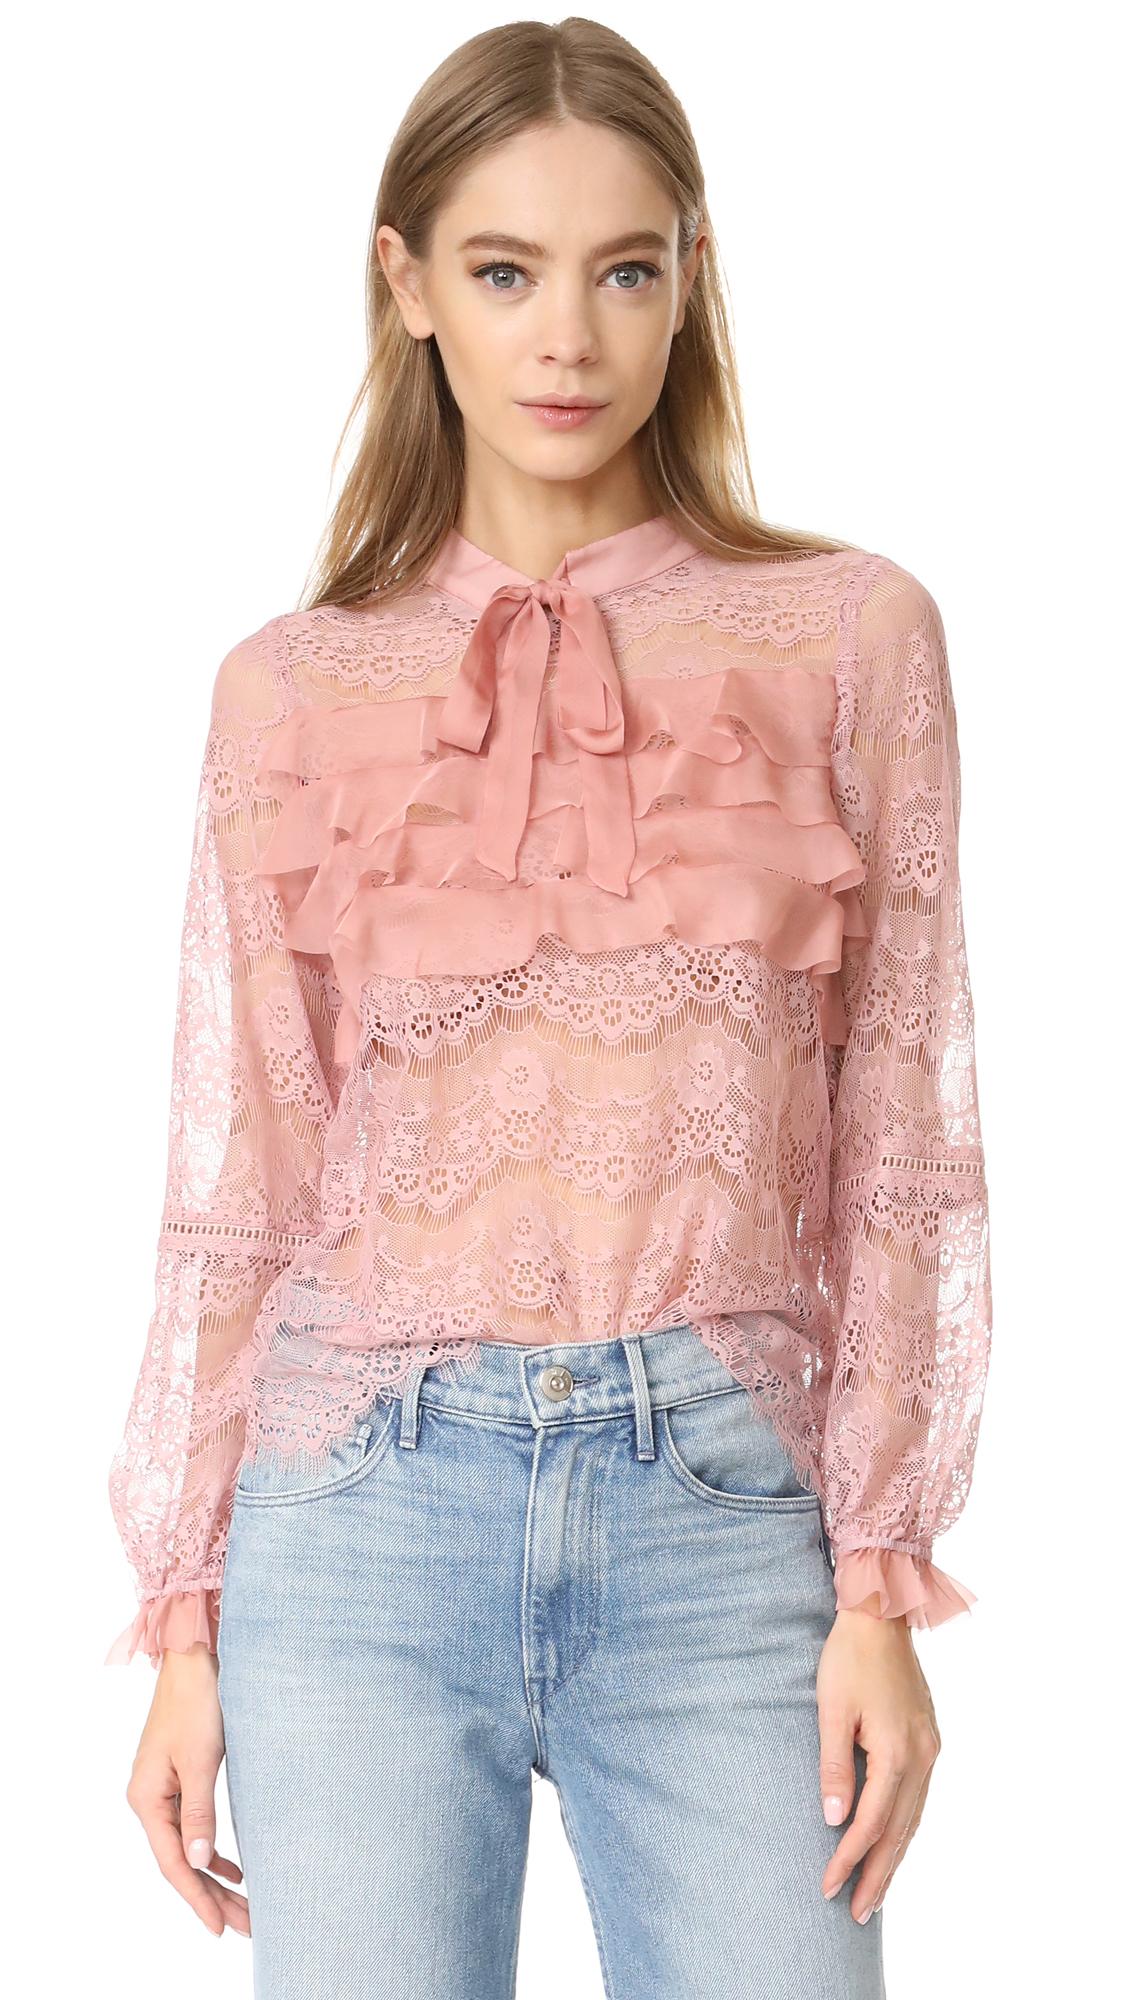 Glamorous Ruffle Lace Blouse